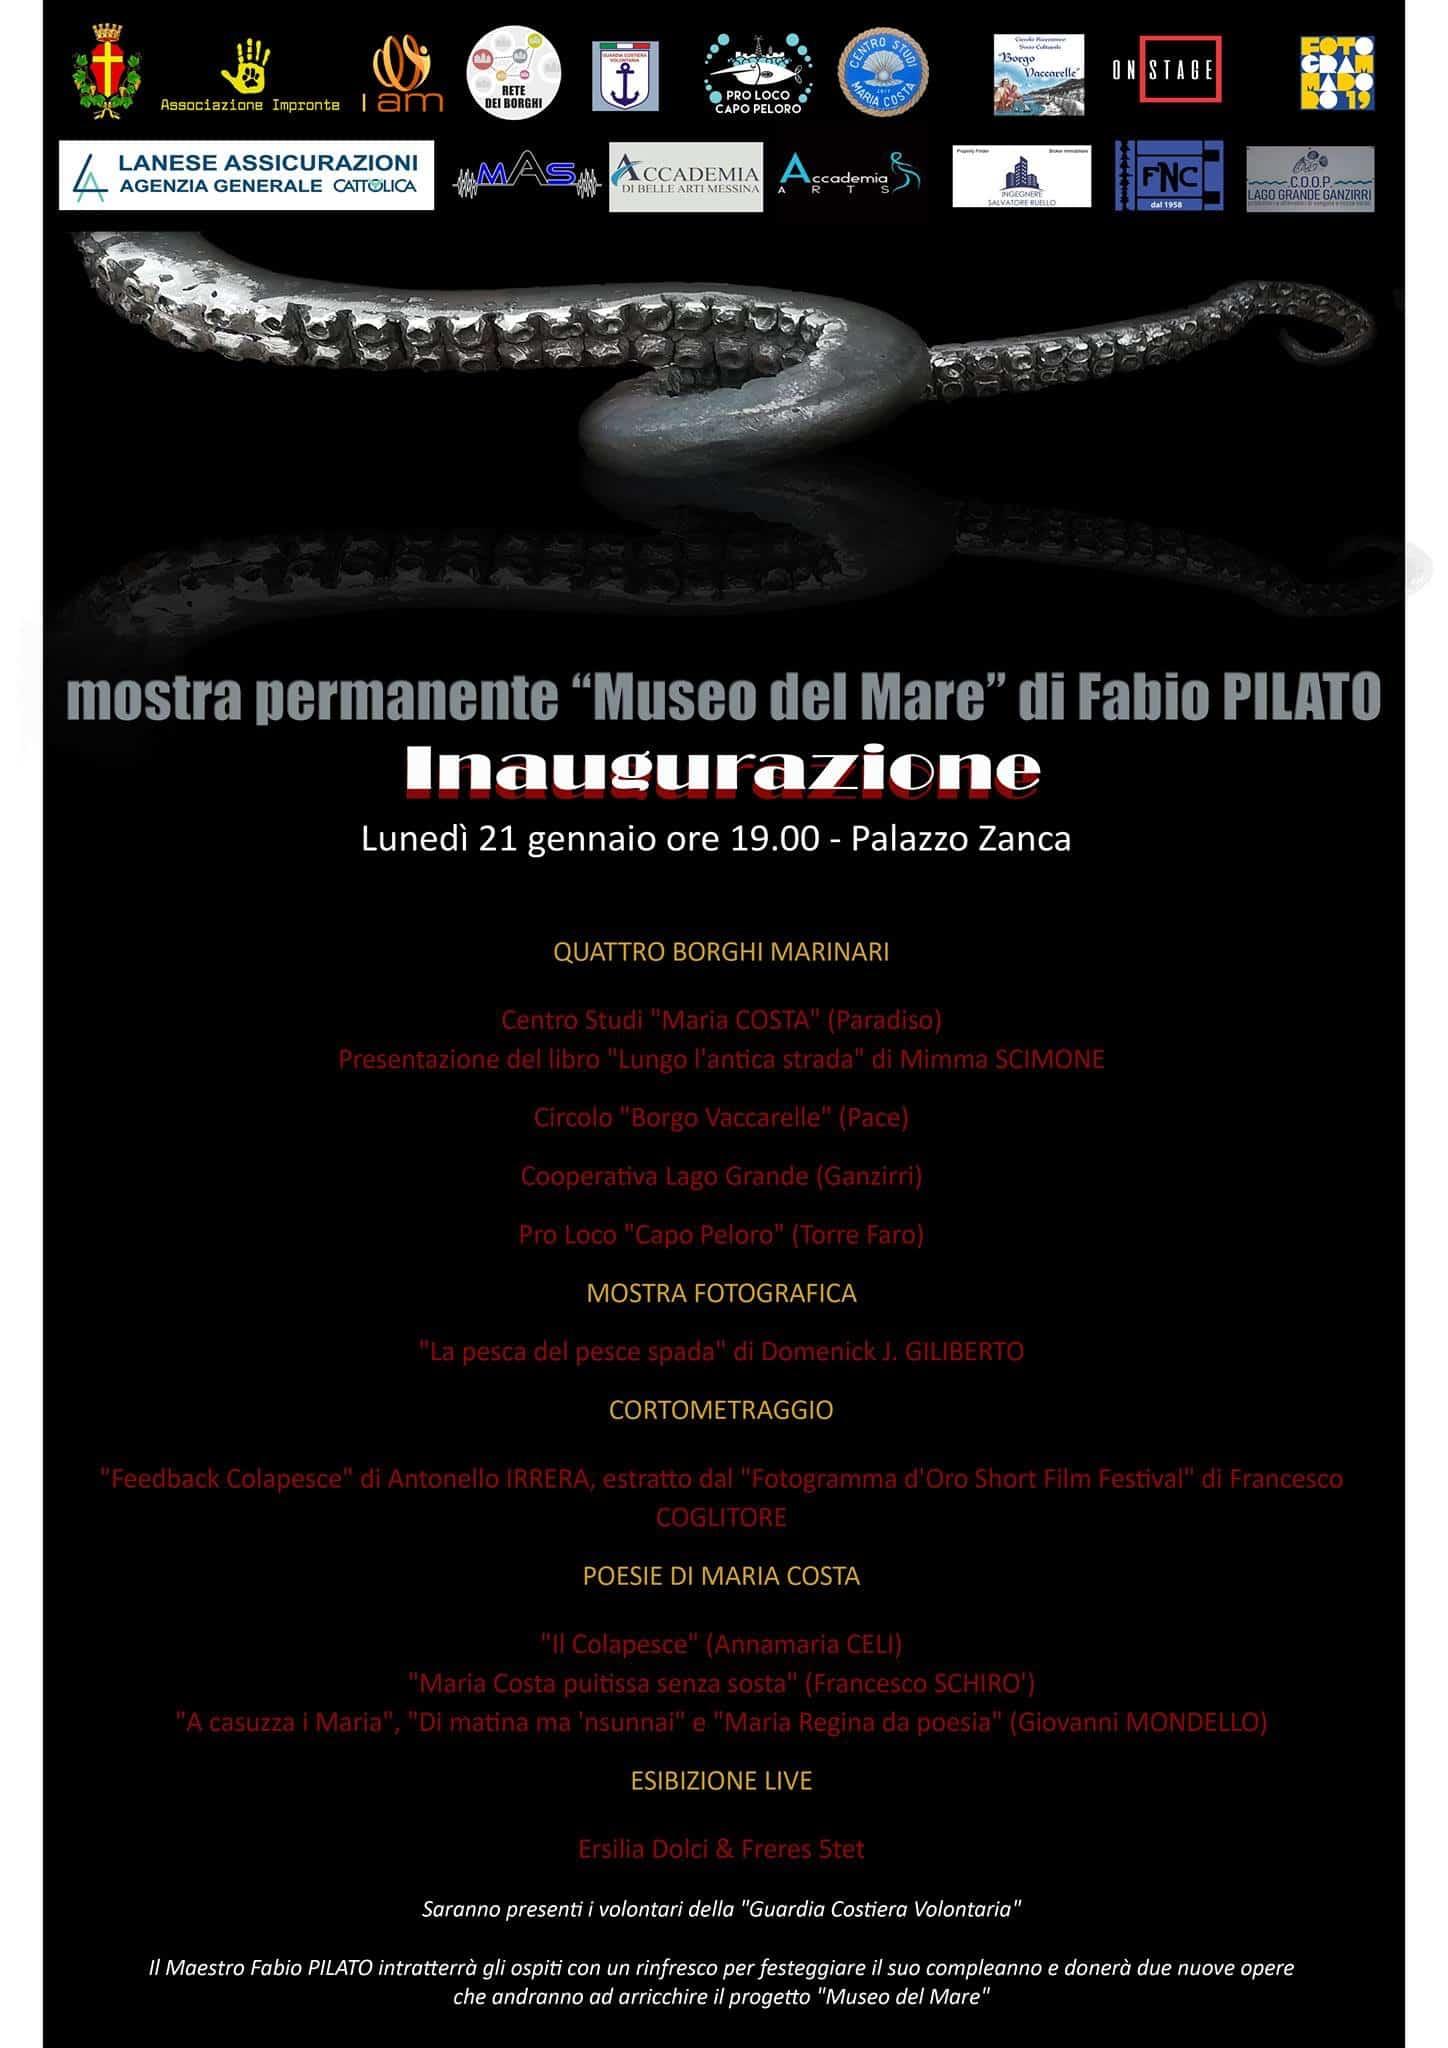 Inaugurazione Museo del Mare 21/01 @ Palazzo Zanca